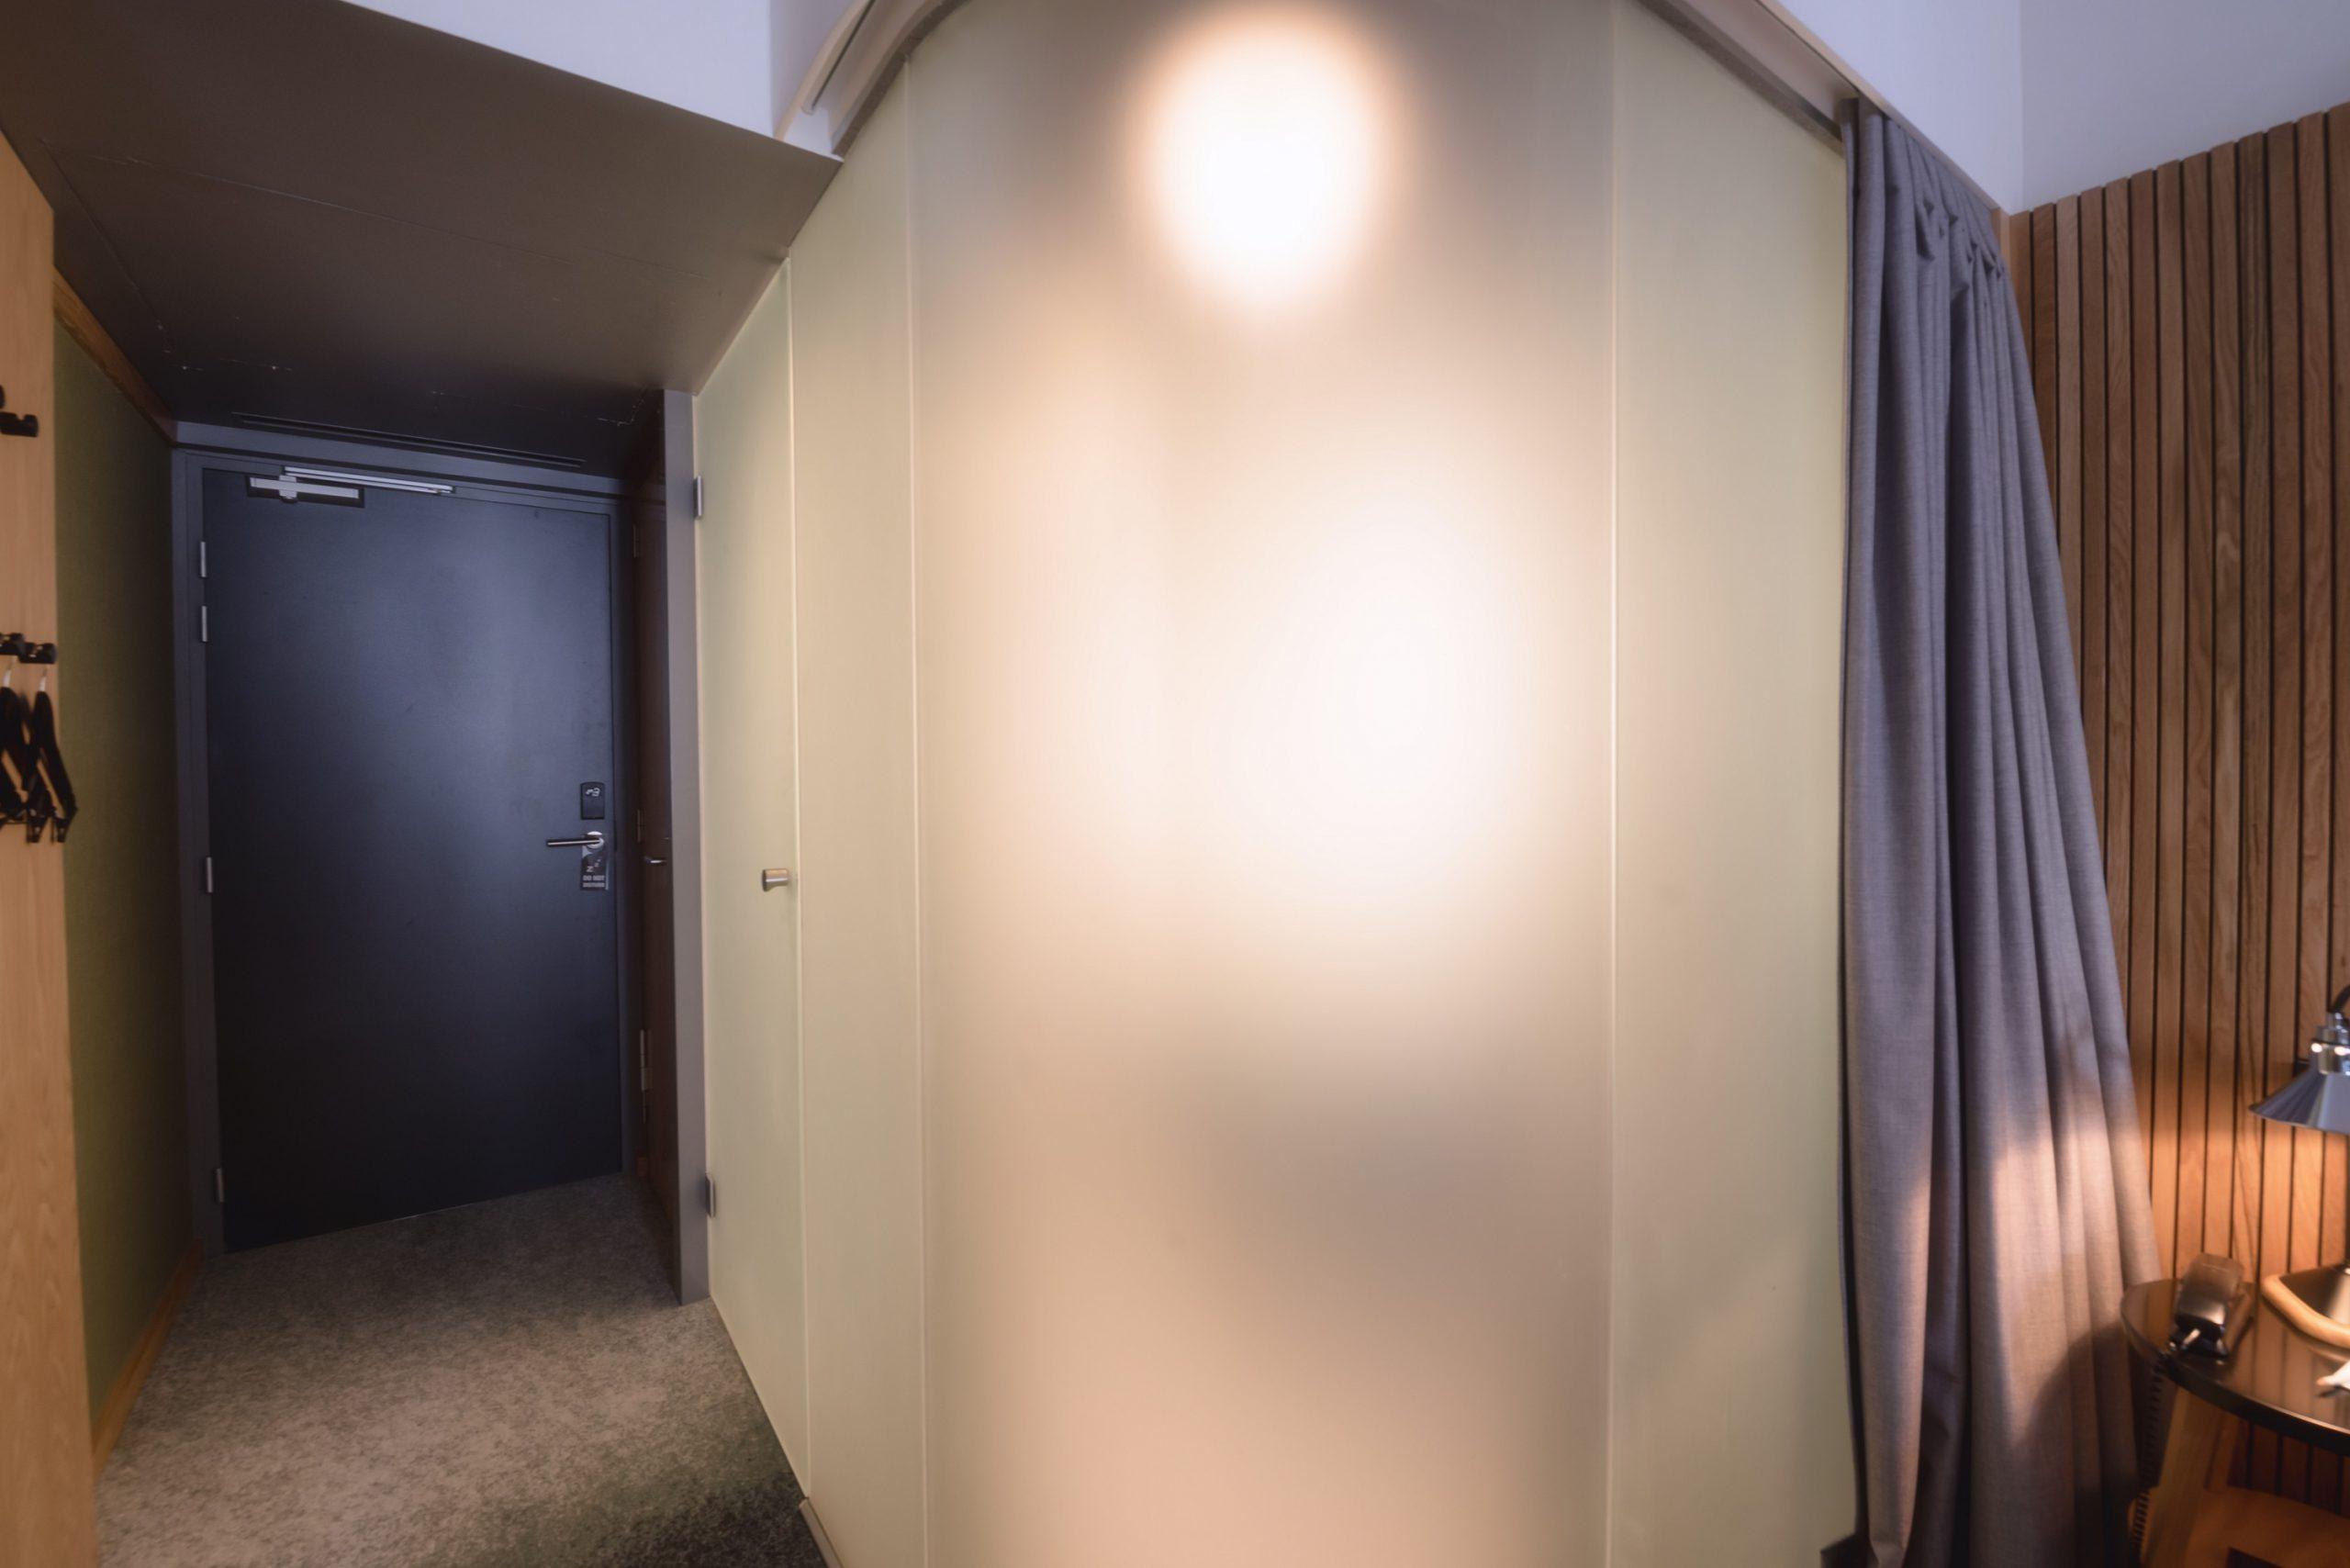 Satiniertes Glas, das in einem Hotelzimmer das Bad vom Schlafbereich trennt